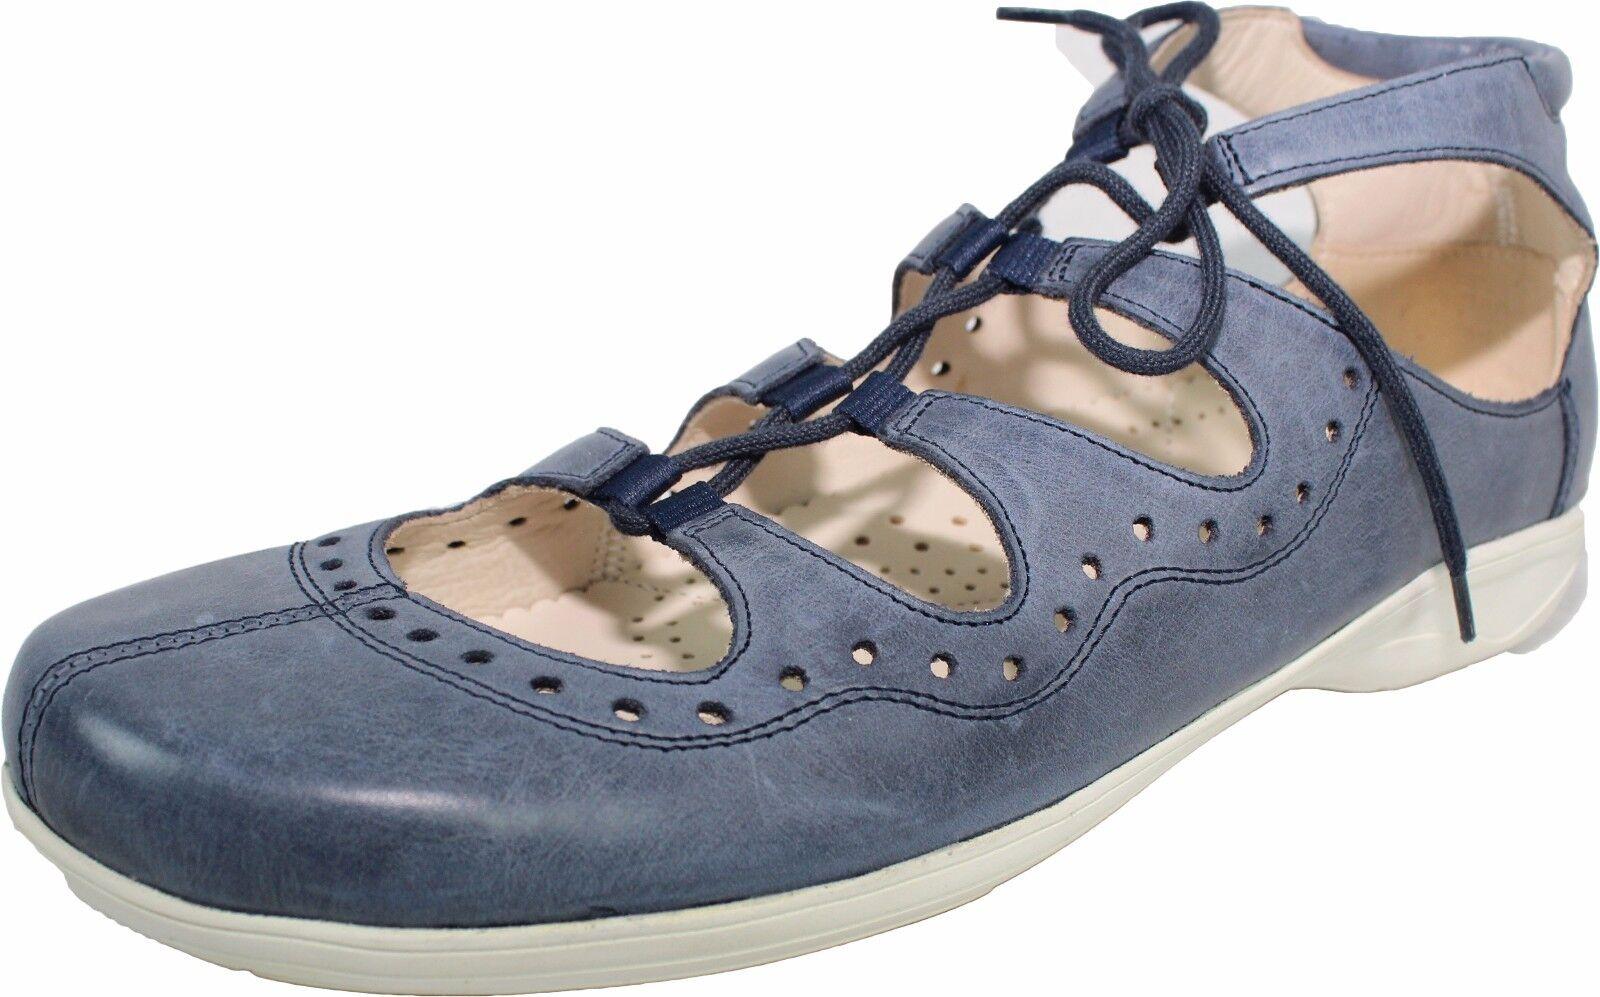 ORSO Scarpa Madlene Sandali Donna Taglia 41,5 BLU | Prestazione eccellente  | Uomo/Donne Scarpa